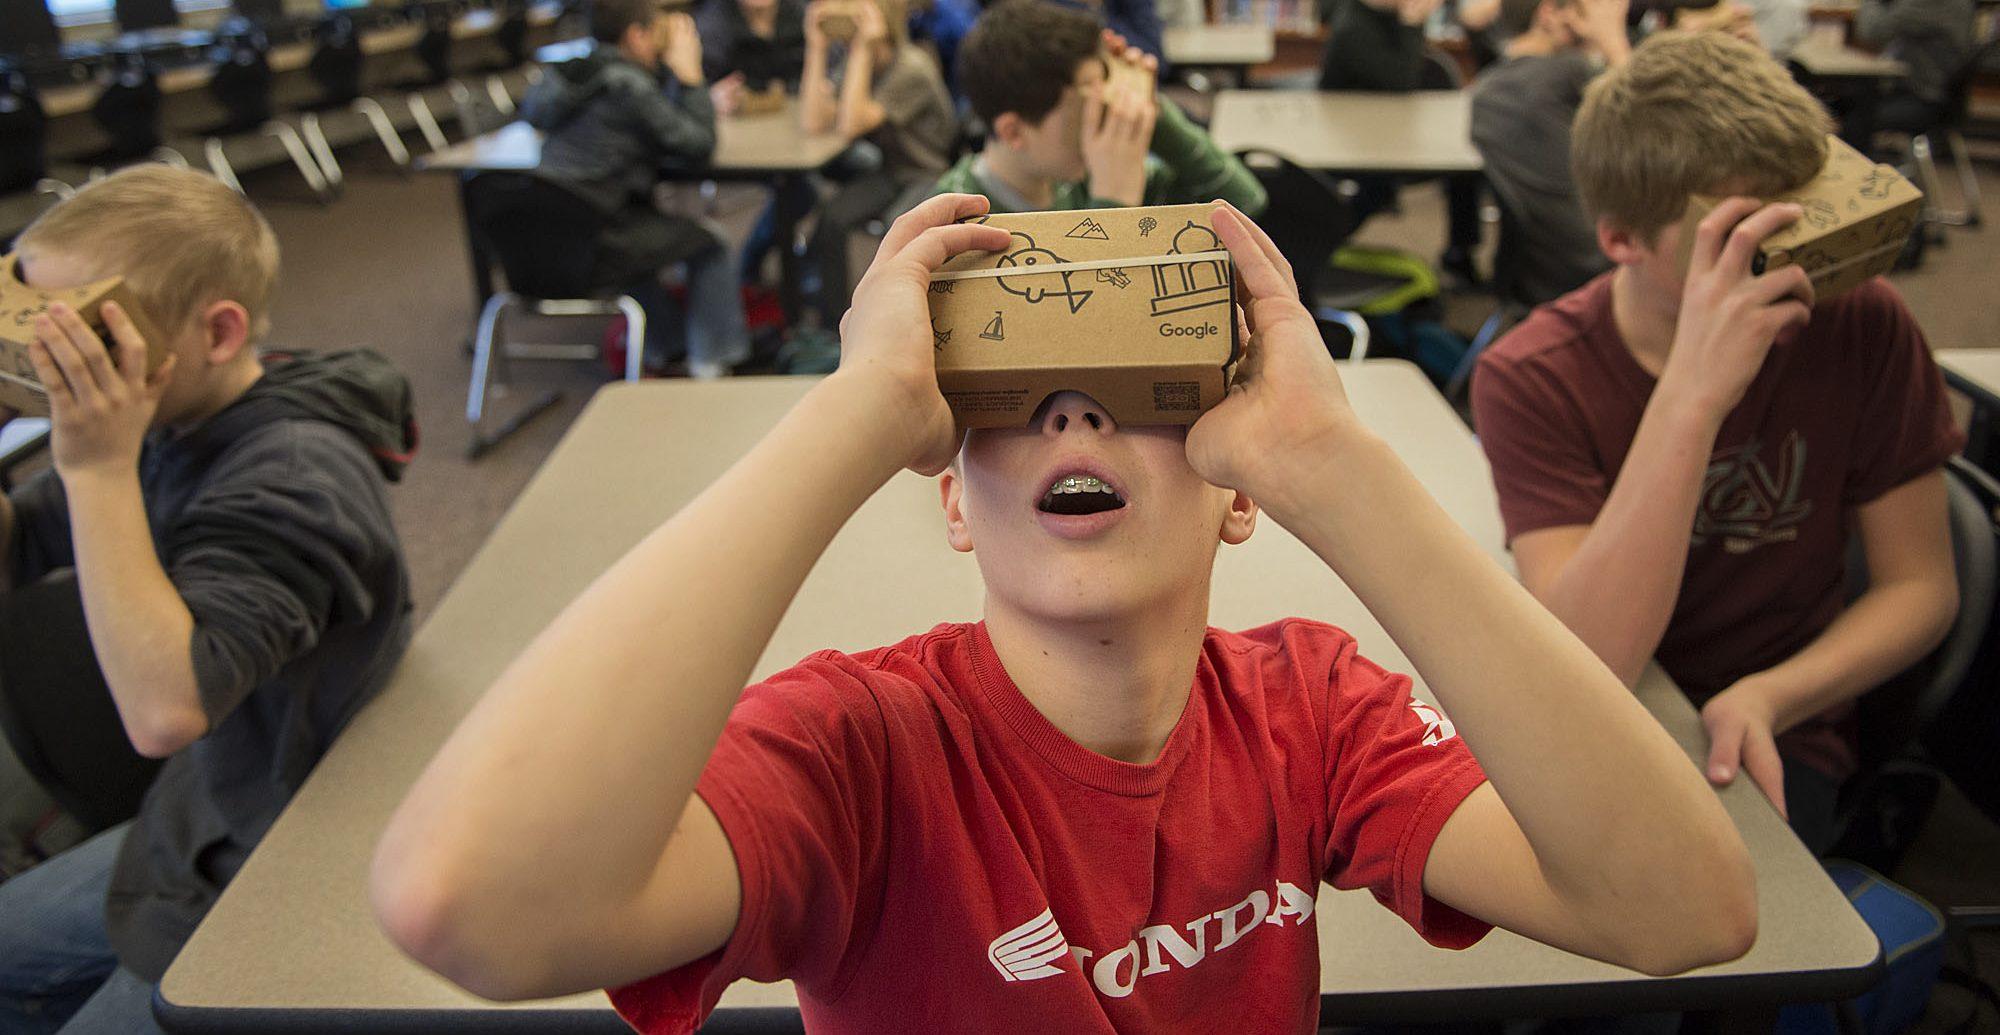 studenti durante una lezione VR con Cardboard. foto- VRsource